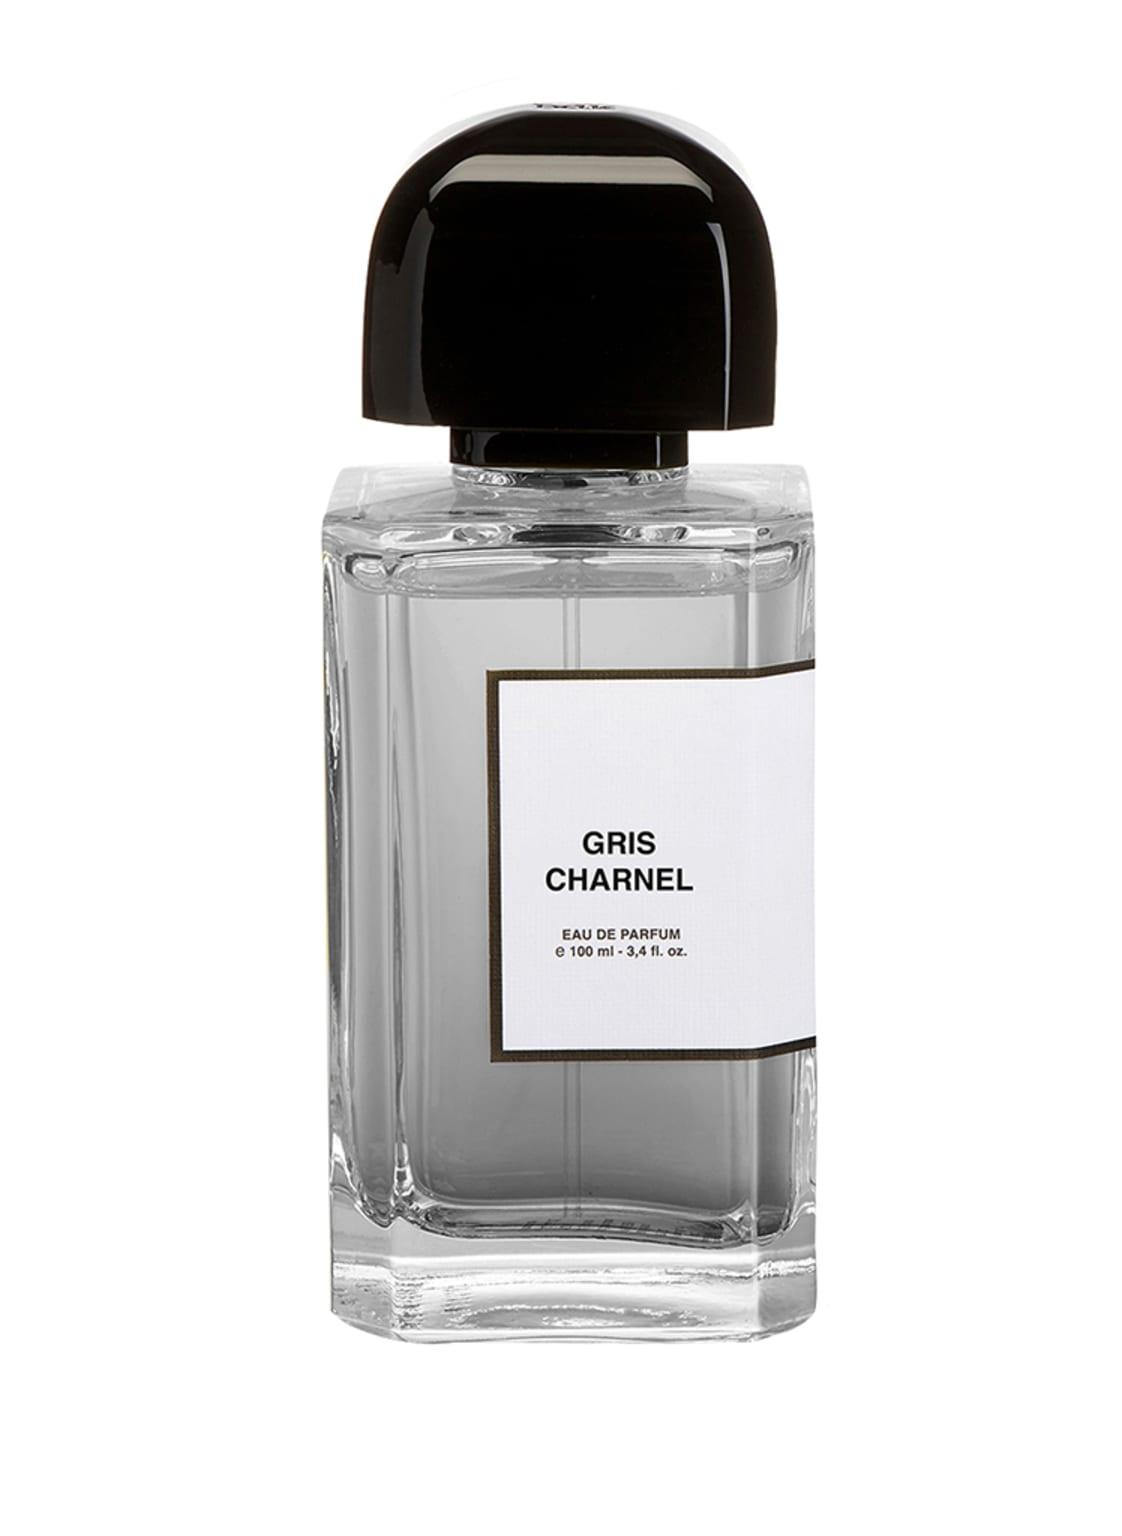 Image of Bdk Parfums Gris Charnel Eau de Parfum 100 ml